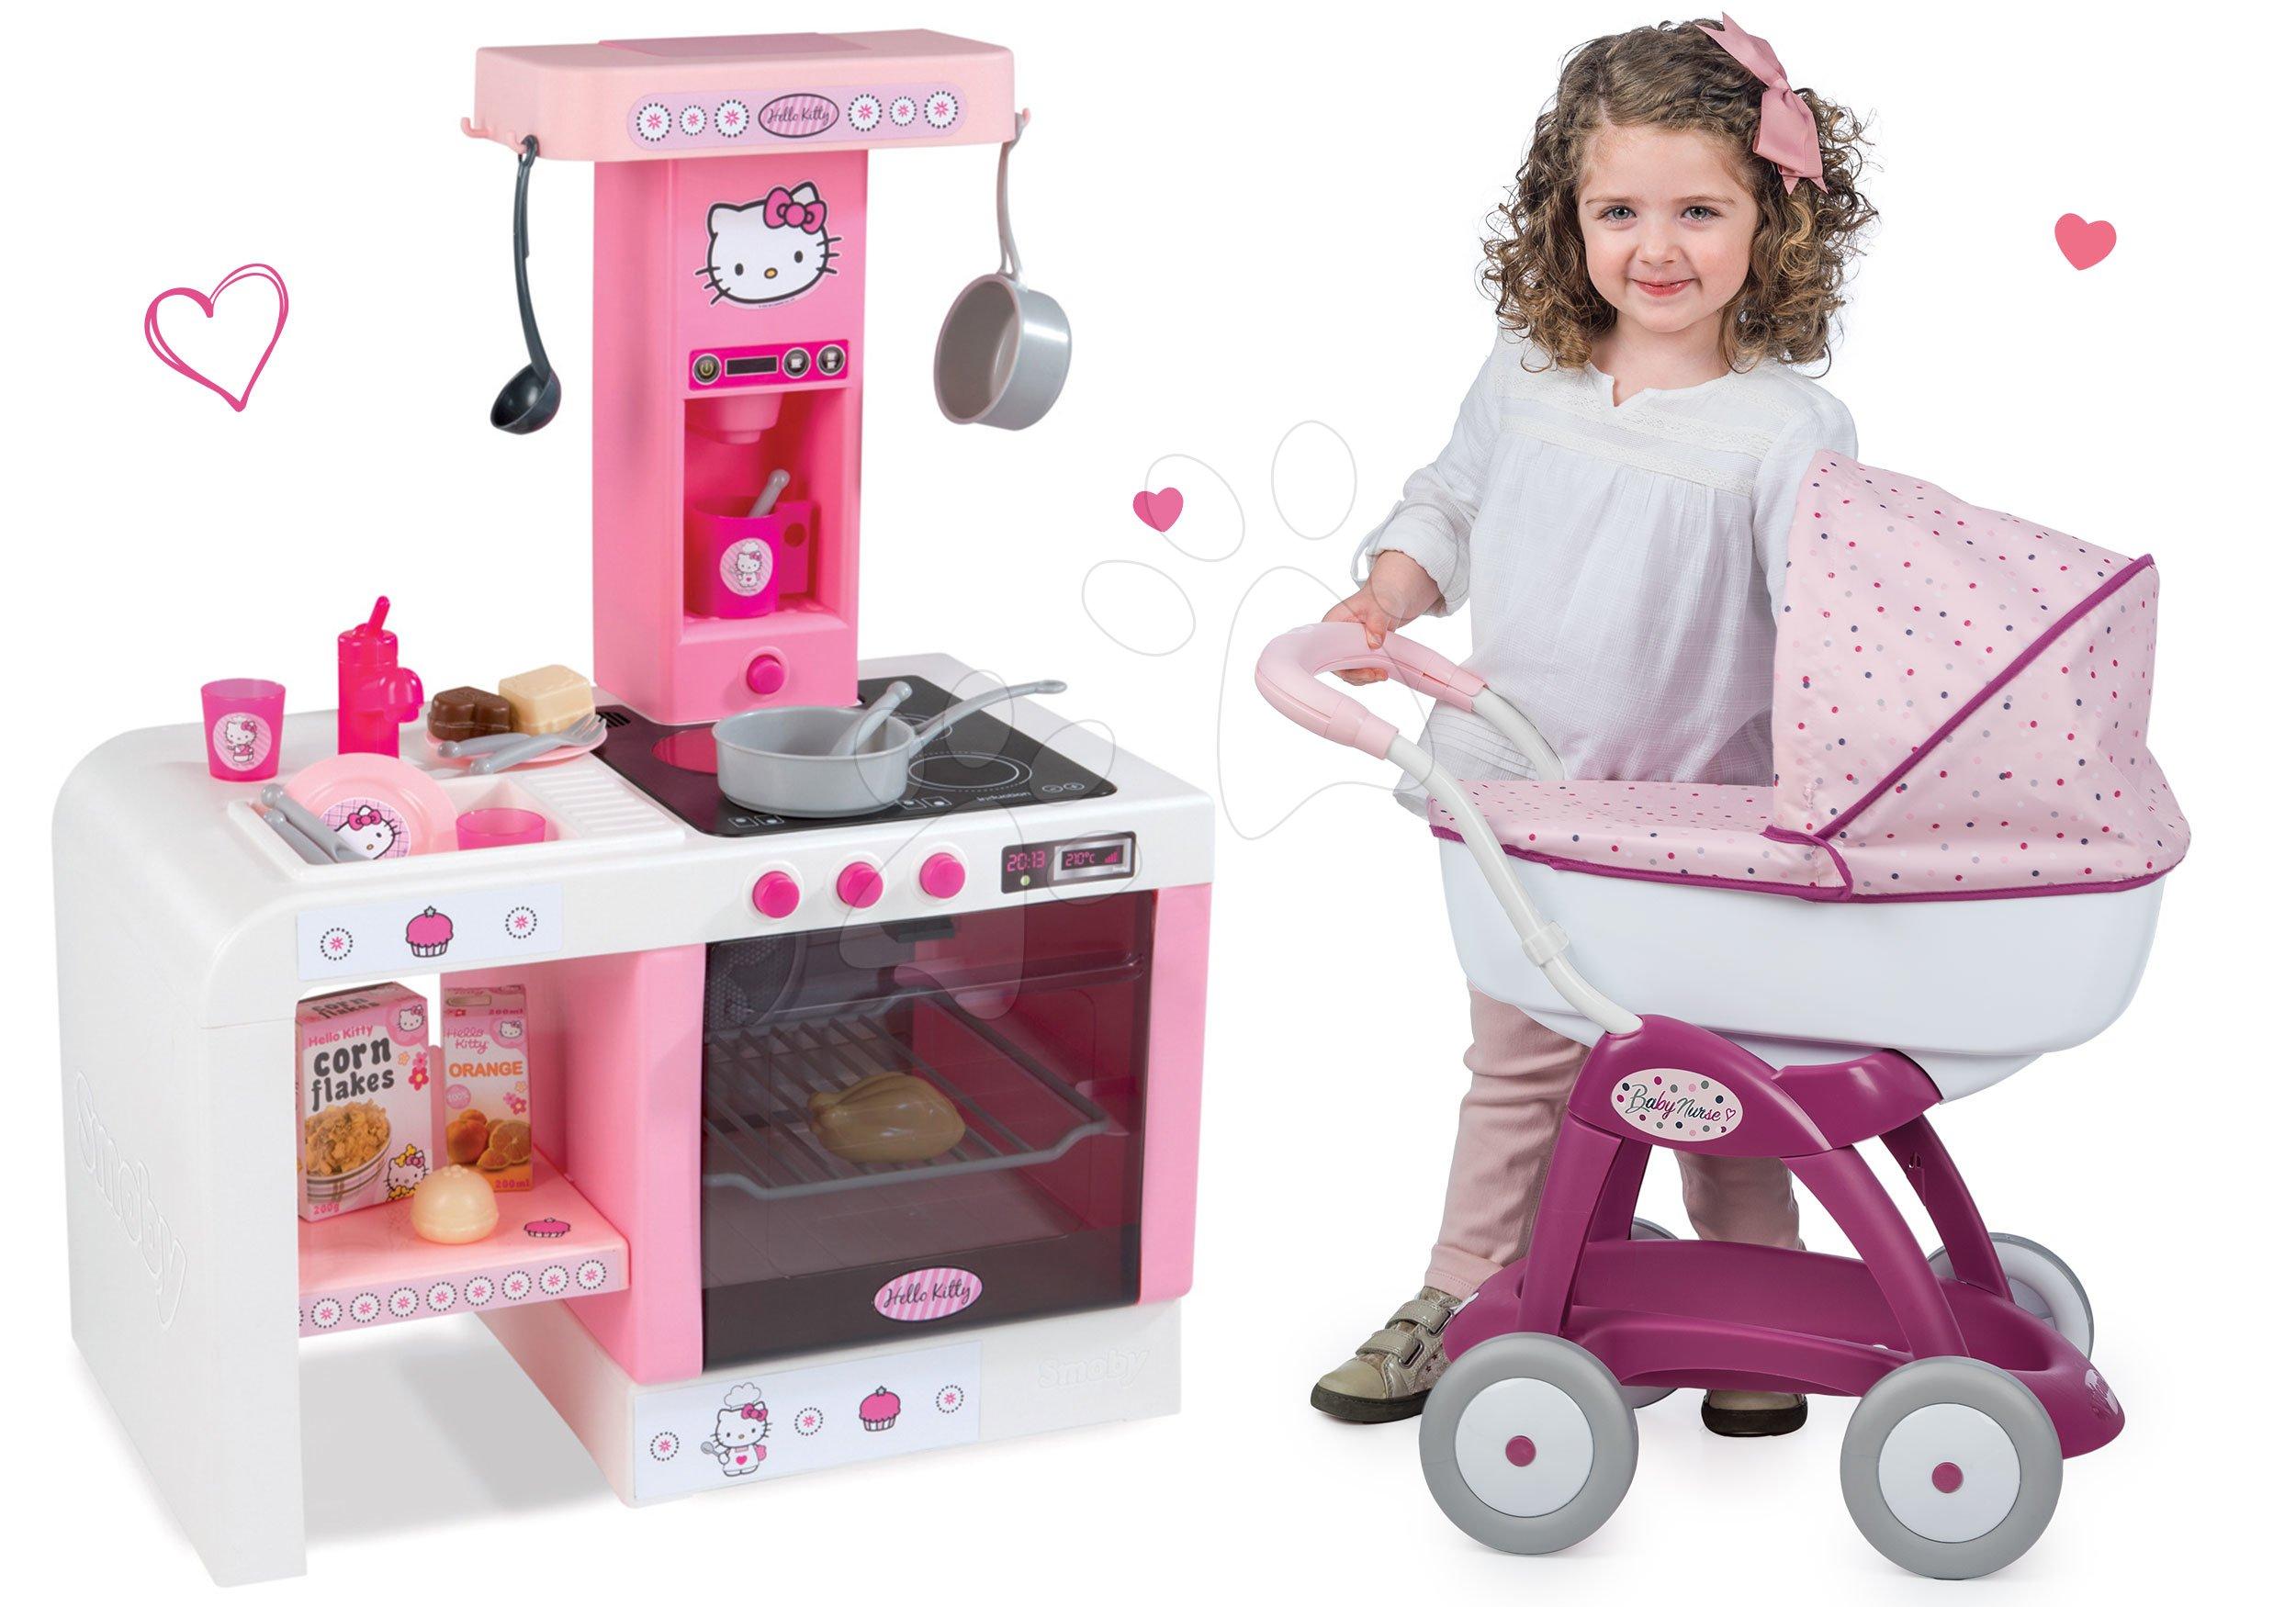 Smoby kočiarik pre bábiku Máša a medveď a kuchynka Cheftronic 523134-4